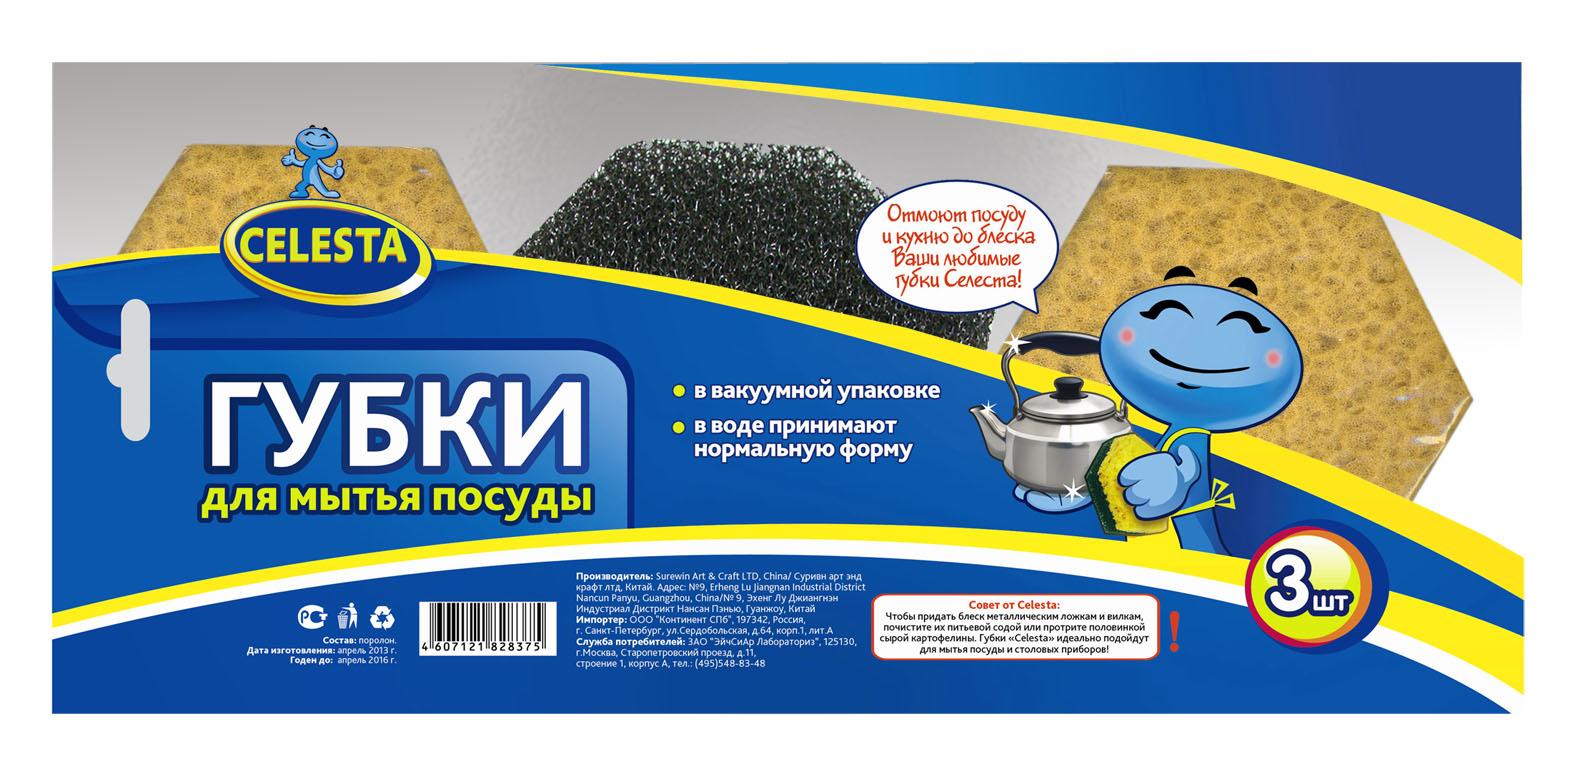 Губки для мытья посуды Celesta, 3 шт5717Губки Celesta предназначены для мытья посуды, ухода за раковиной, кухонной мебелью. Незаменимы для уборки на кухне и в ванной. Размер губки: 9 см х 8 см х 1 см.